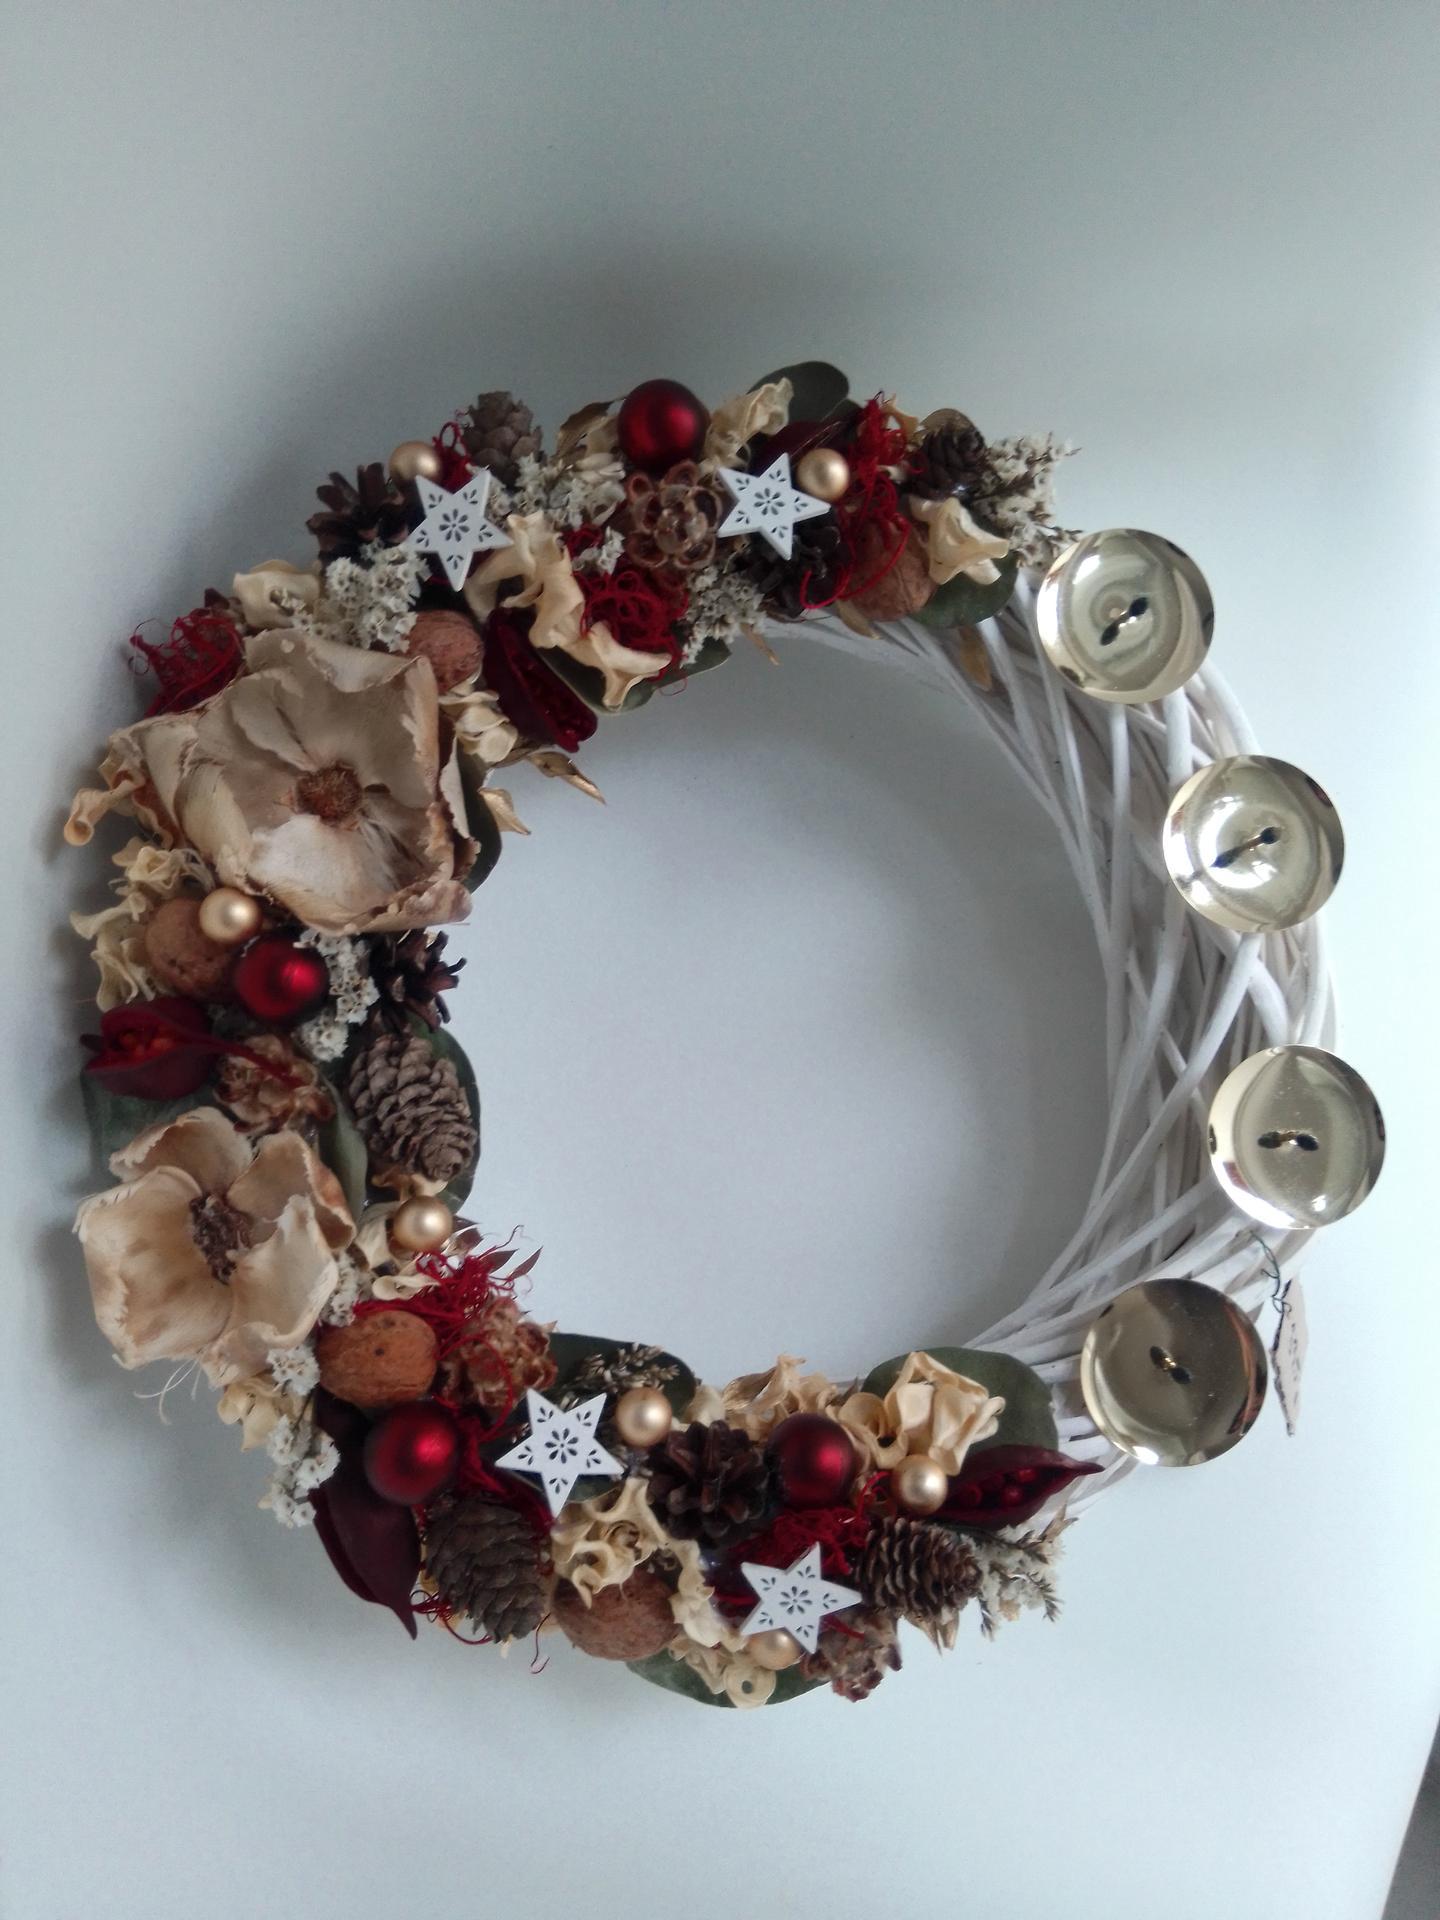 Tvorba na Vánoce začíná,můj oblíbený čas.... - Obrázek č. 8